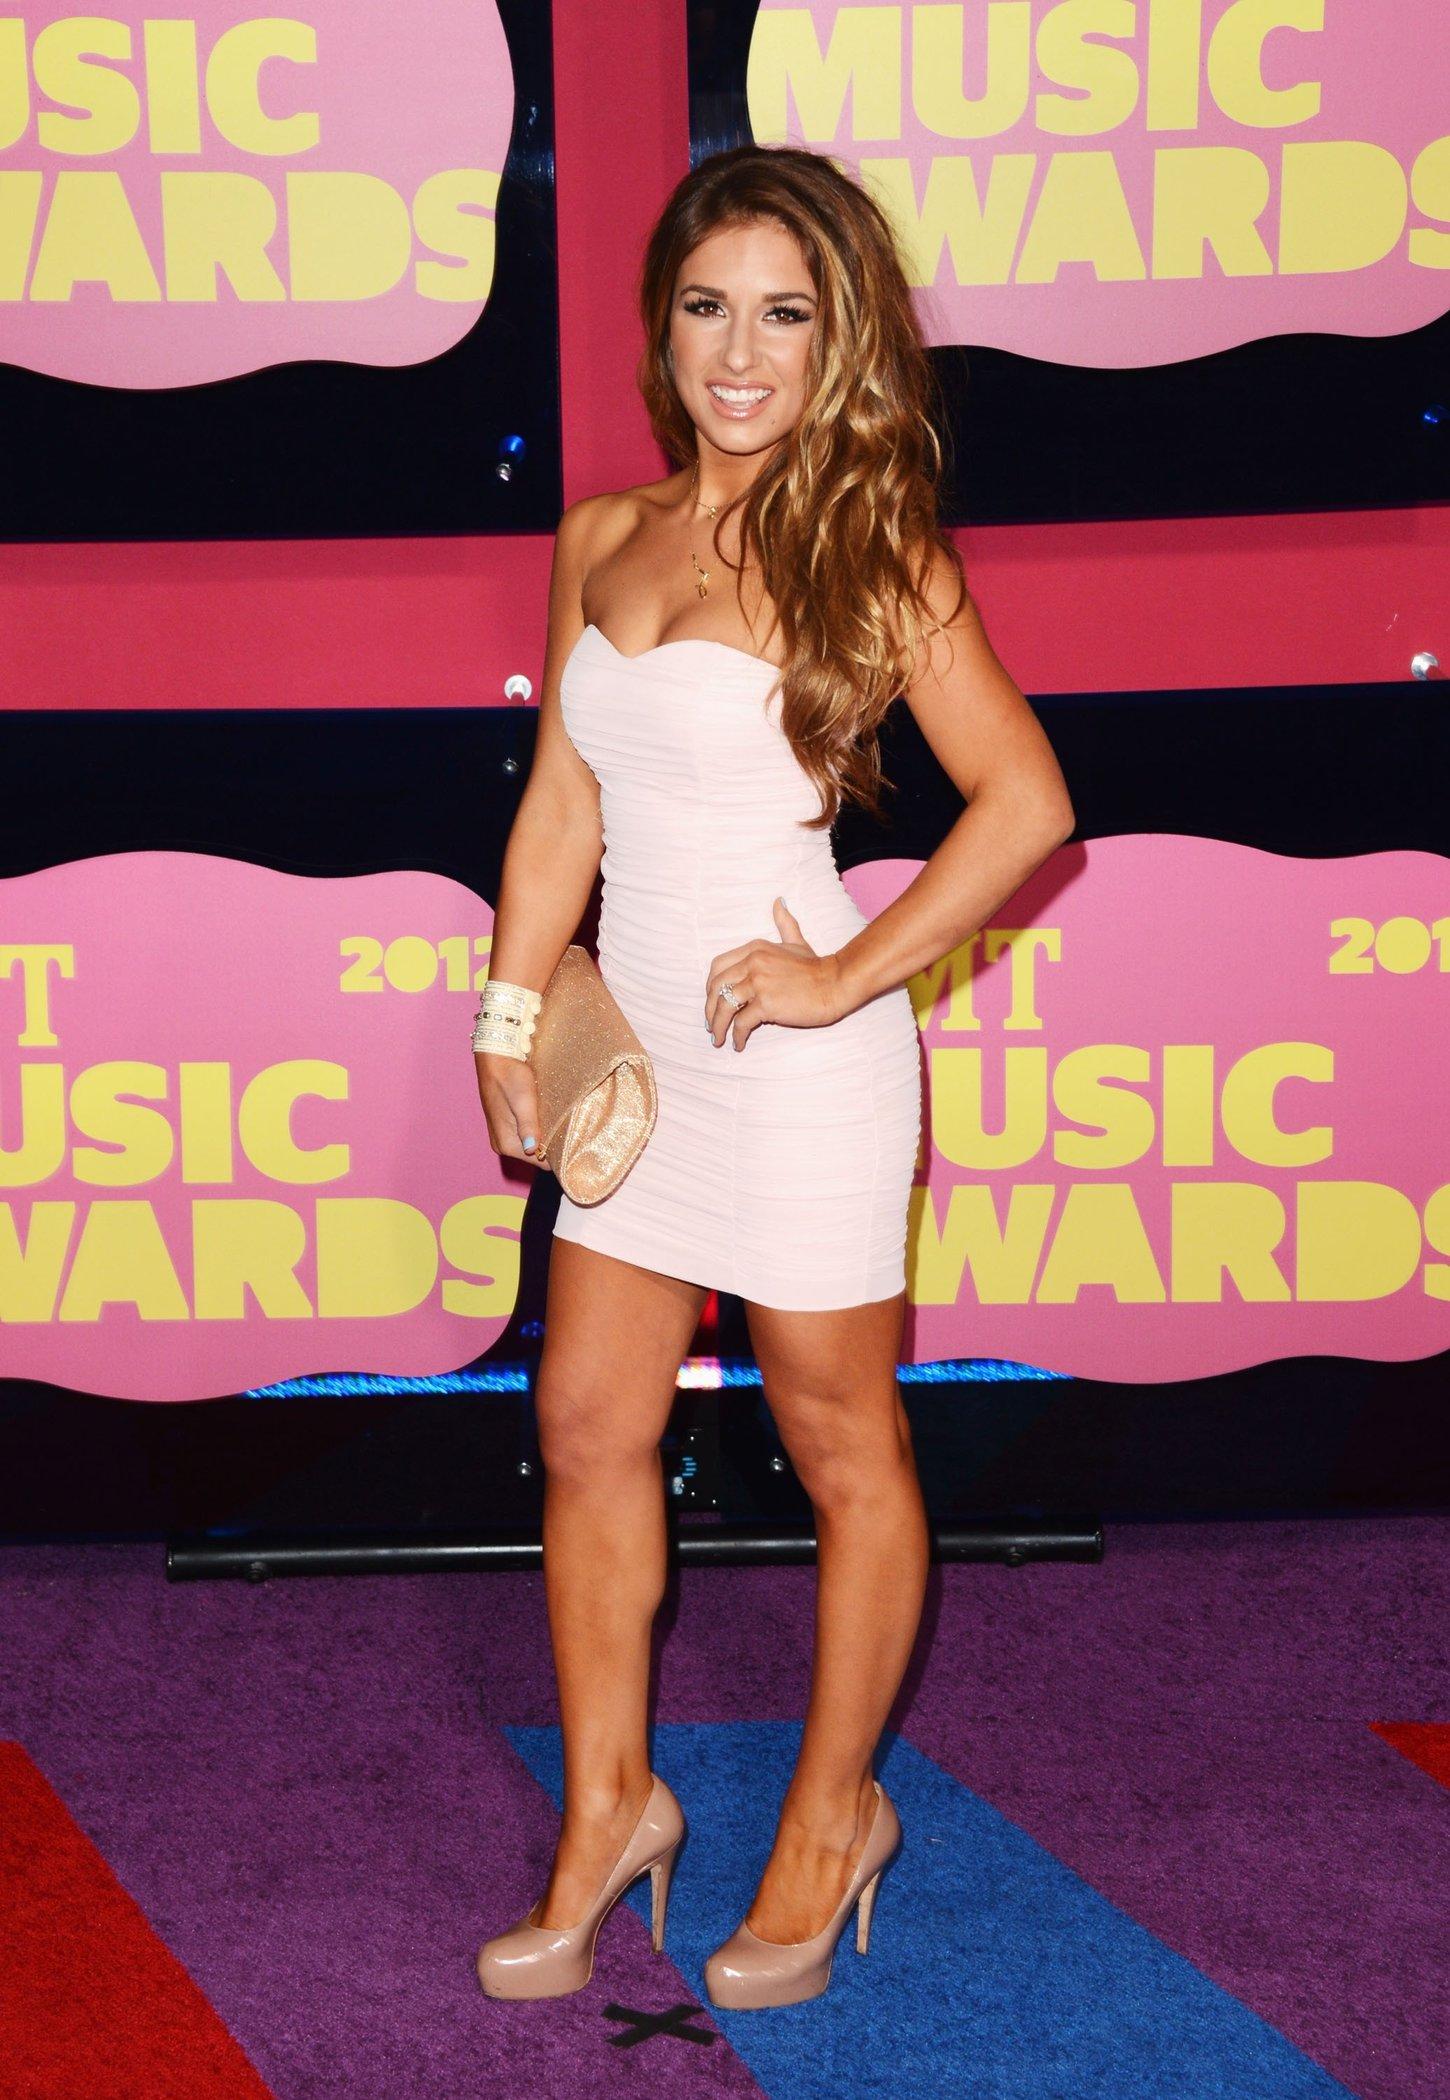 Jessie James - 2012 CMT Music Awards in Nashville (June 6, 2012)